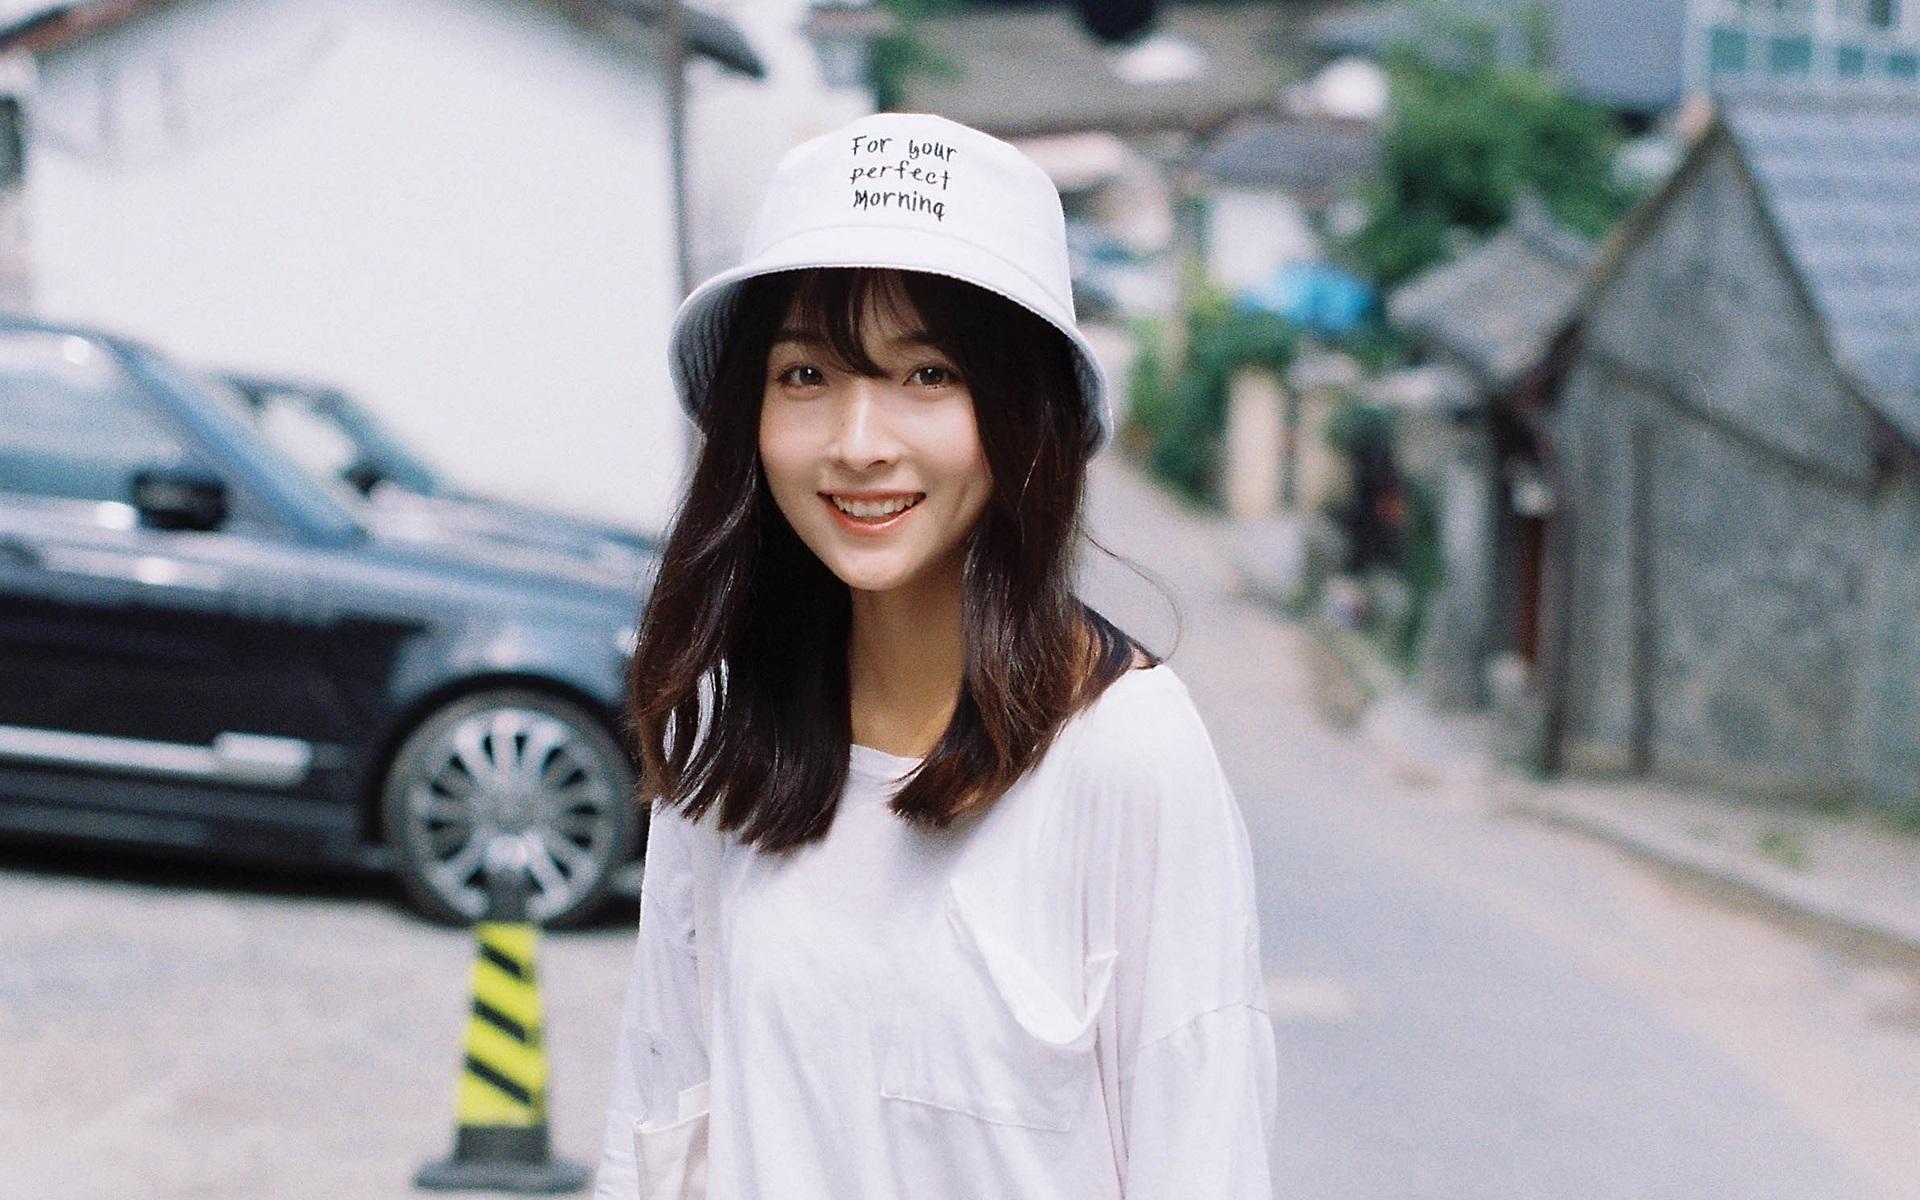 天眼小民工-徐凡, 张丽娜-都市异能小说